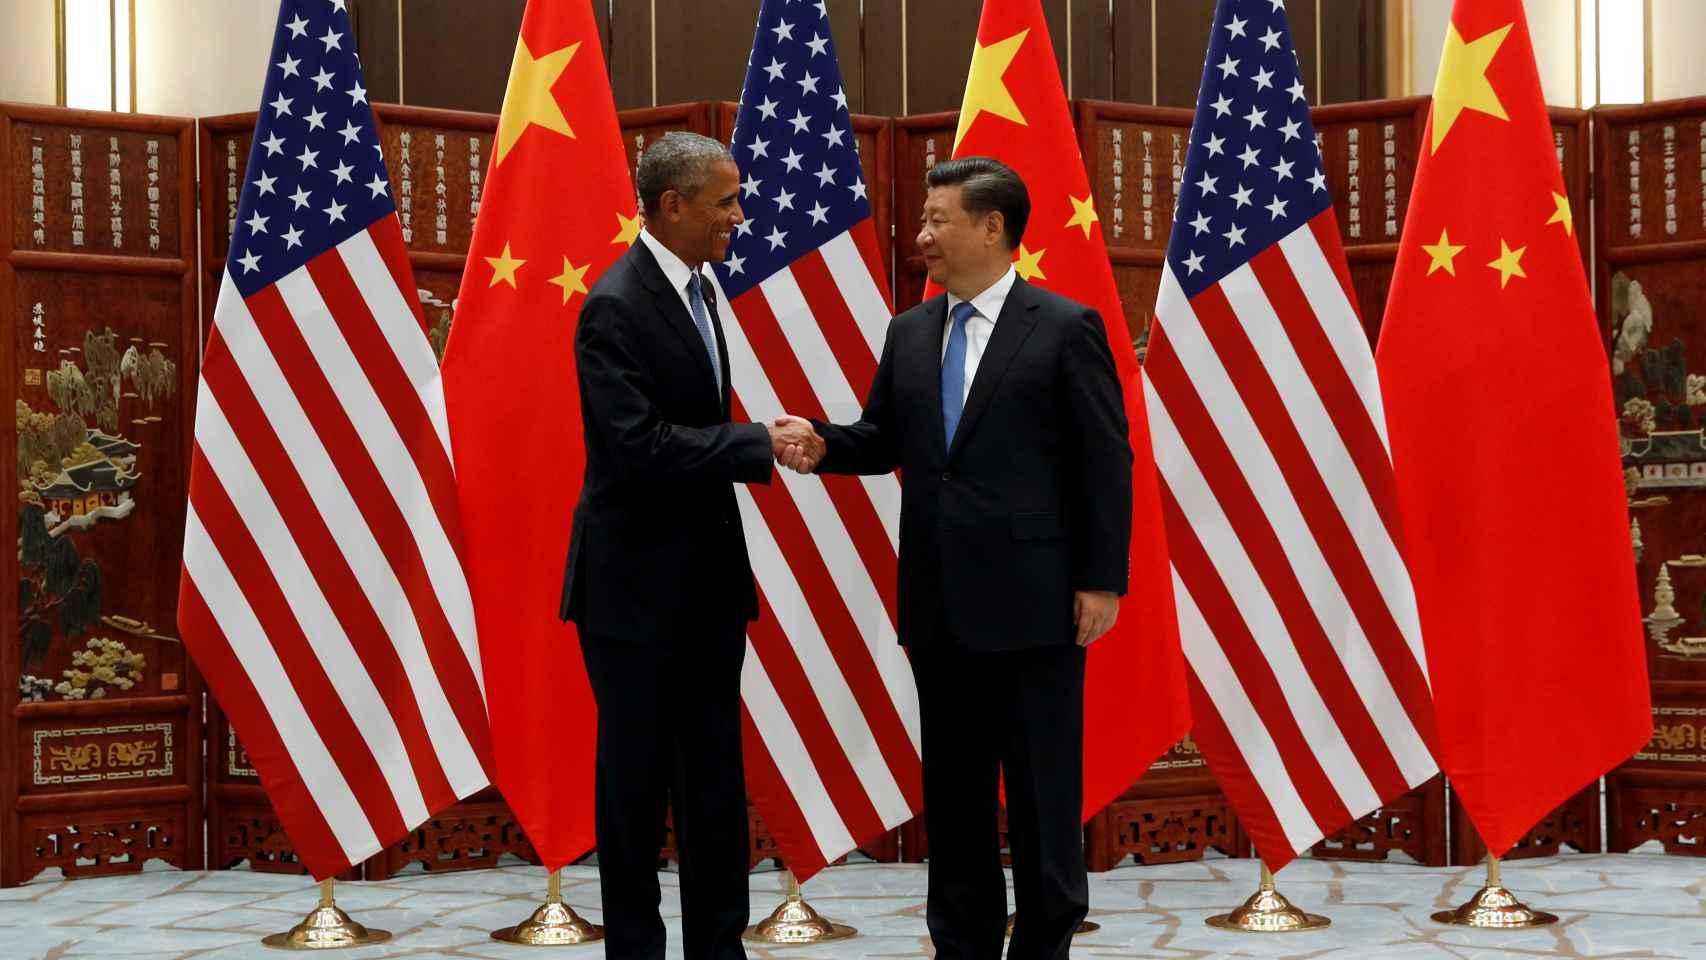 El presidente de EEUU, Barack Obama, y su homólogo chino, Xi Jinping, se estrechan la mano tras anunciar su ratificación del pacto de París.